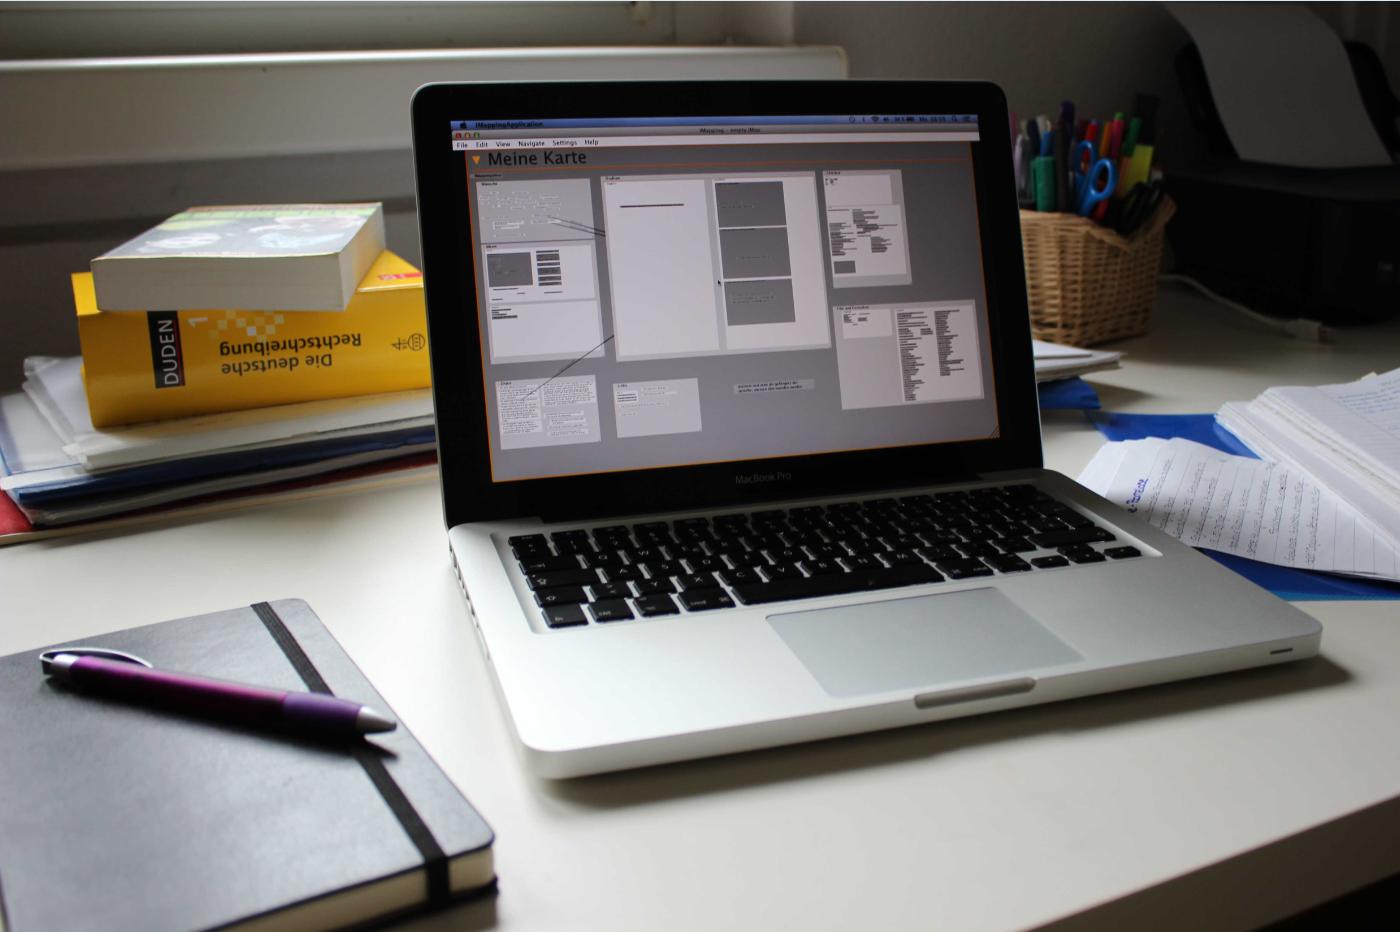 Das iMapping Programm sorgt für Übersicht im Studium.